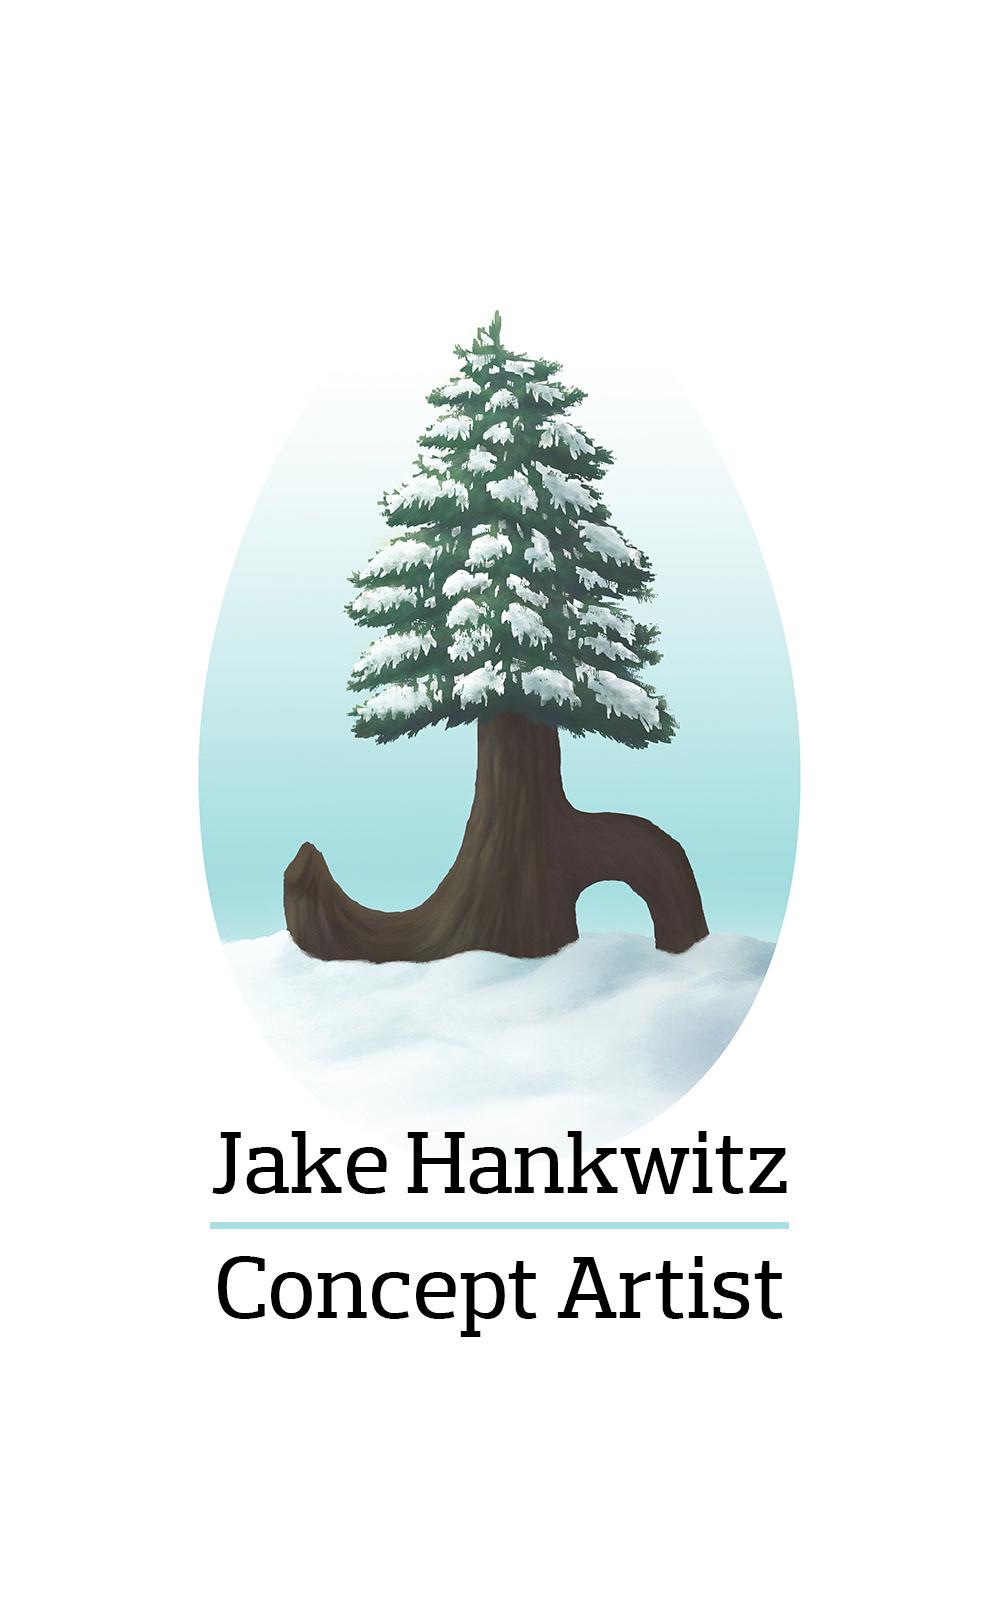 Jake Hankwitz